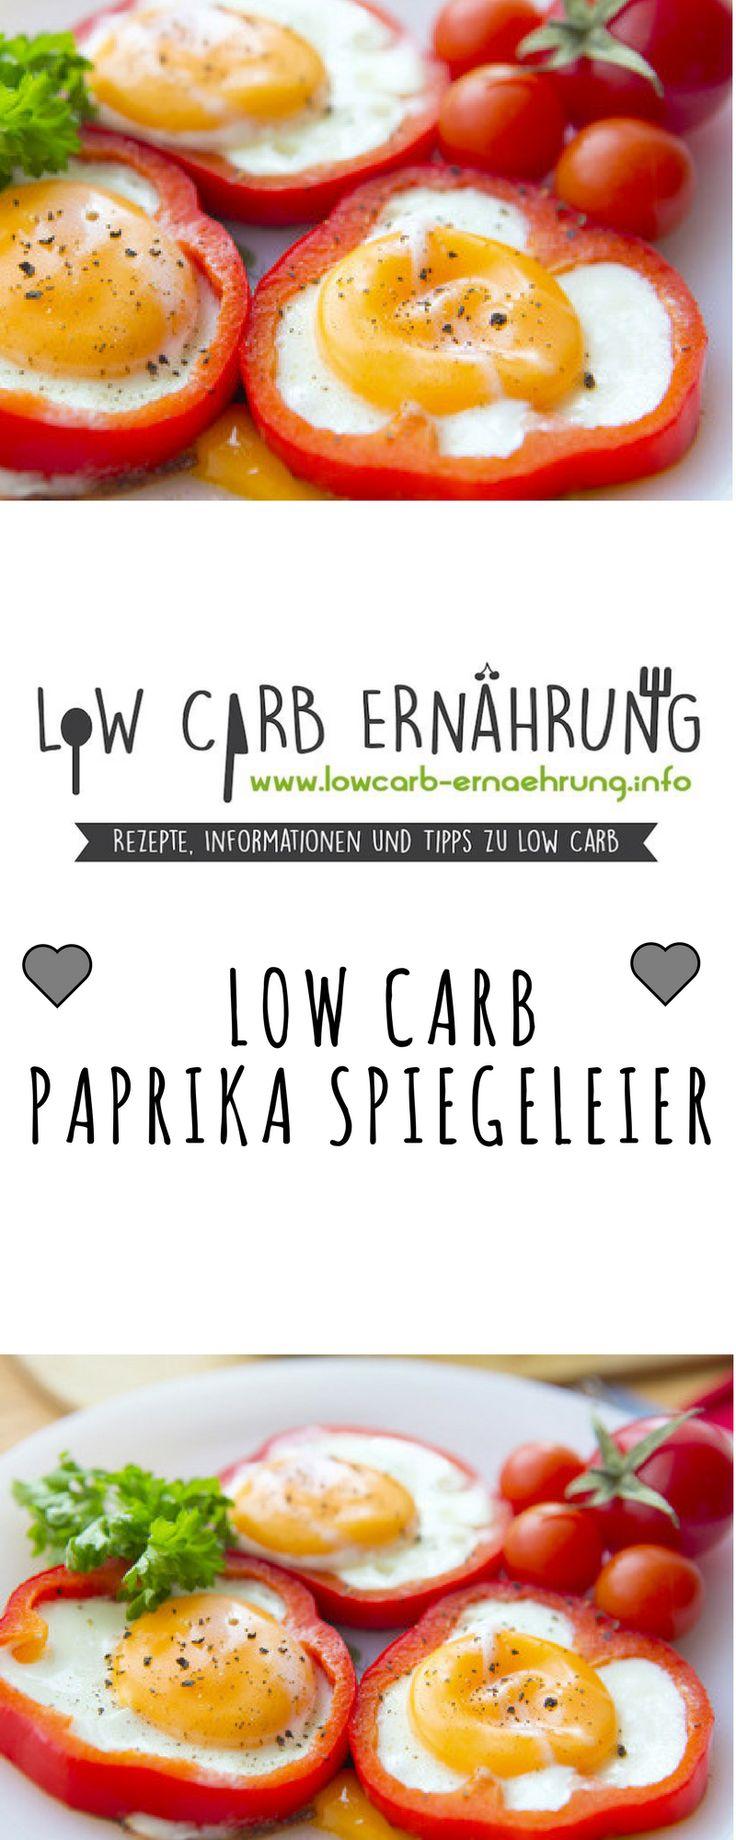 Low Carb Rezept für leckere, kohlenhydratarme Paprika-Spiegeleier. Low Carb und einfach und schnell zum Nachkochen. Perfekt zum Abnehmen.